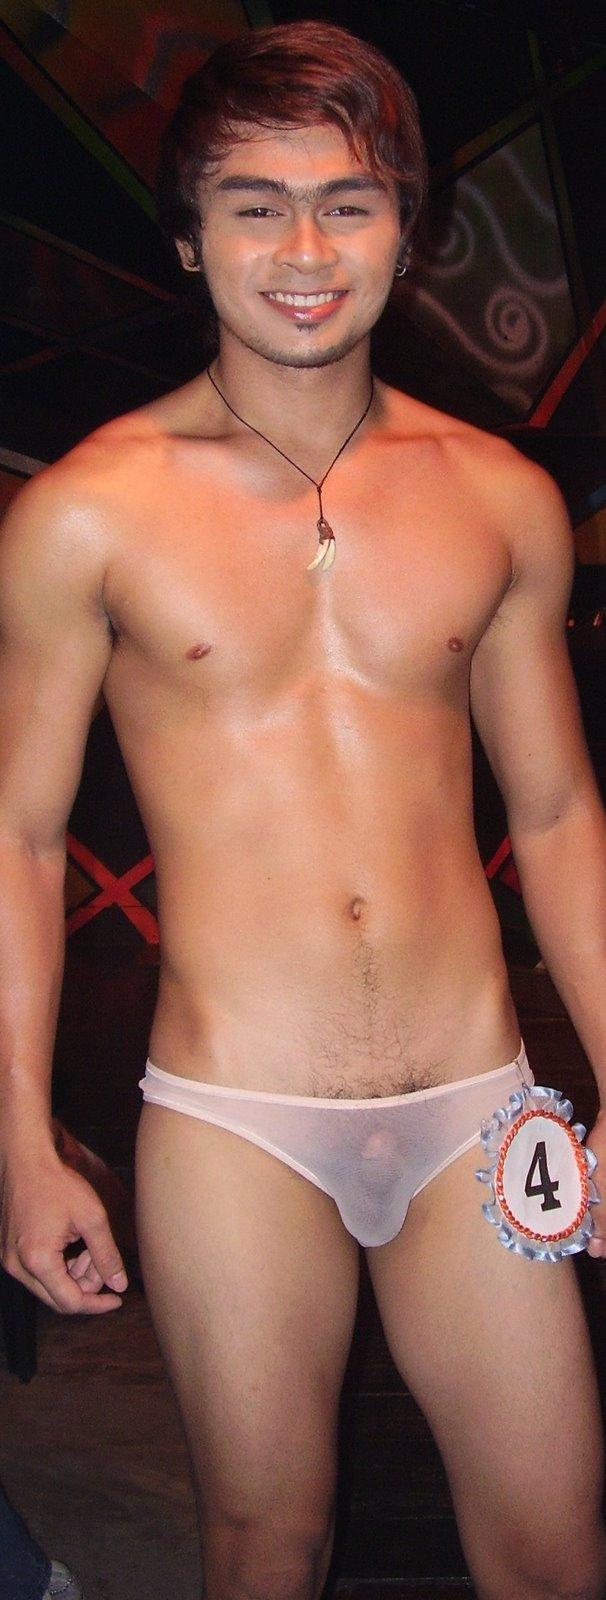 Filipino male pornstar nude you